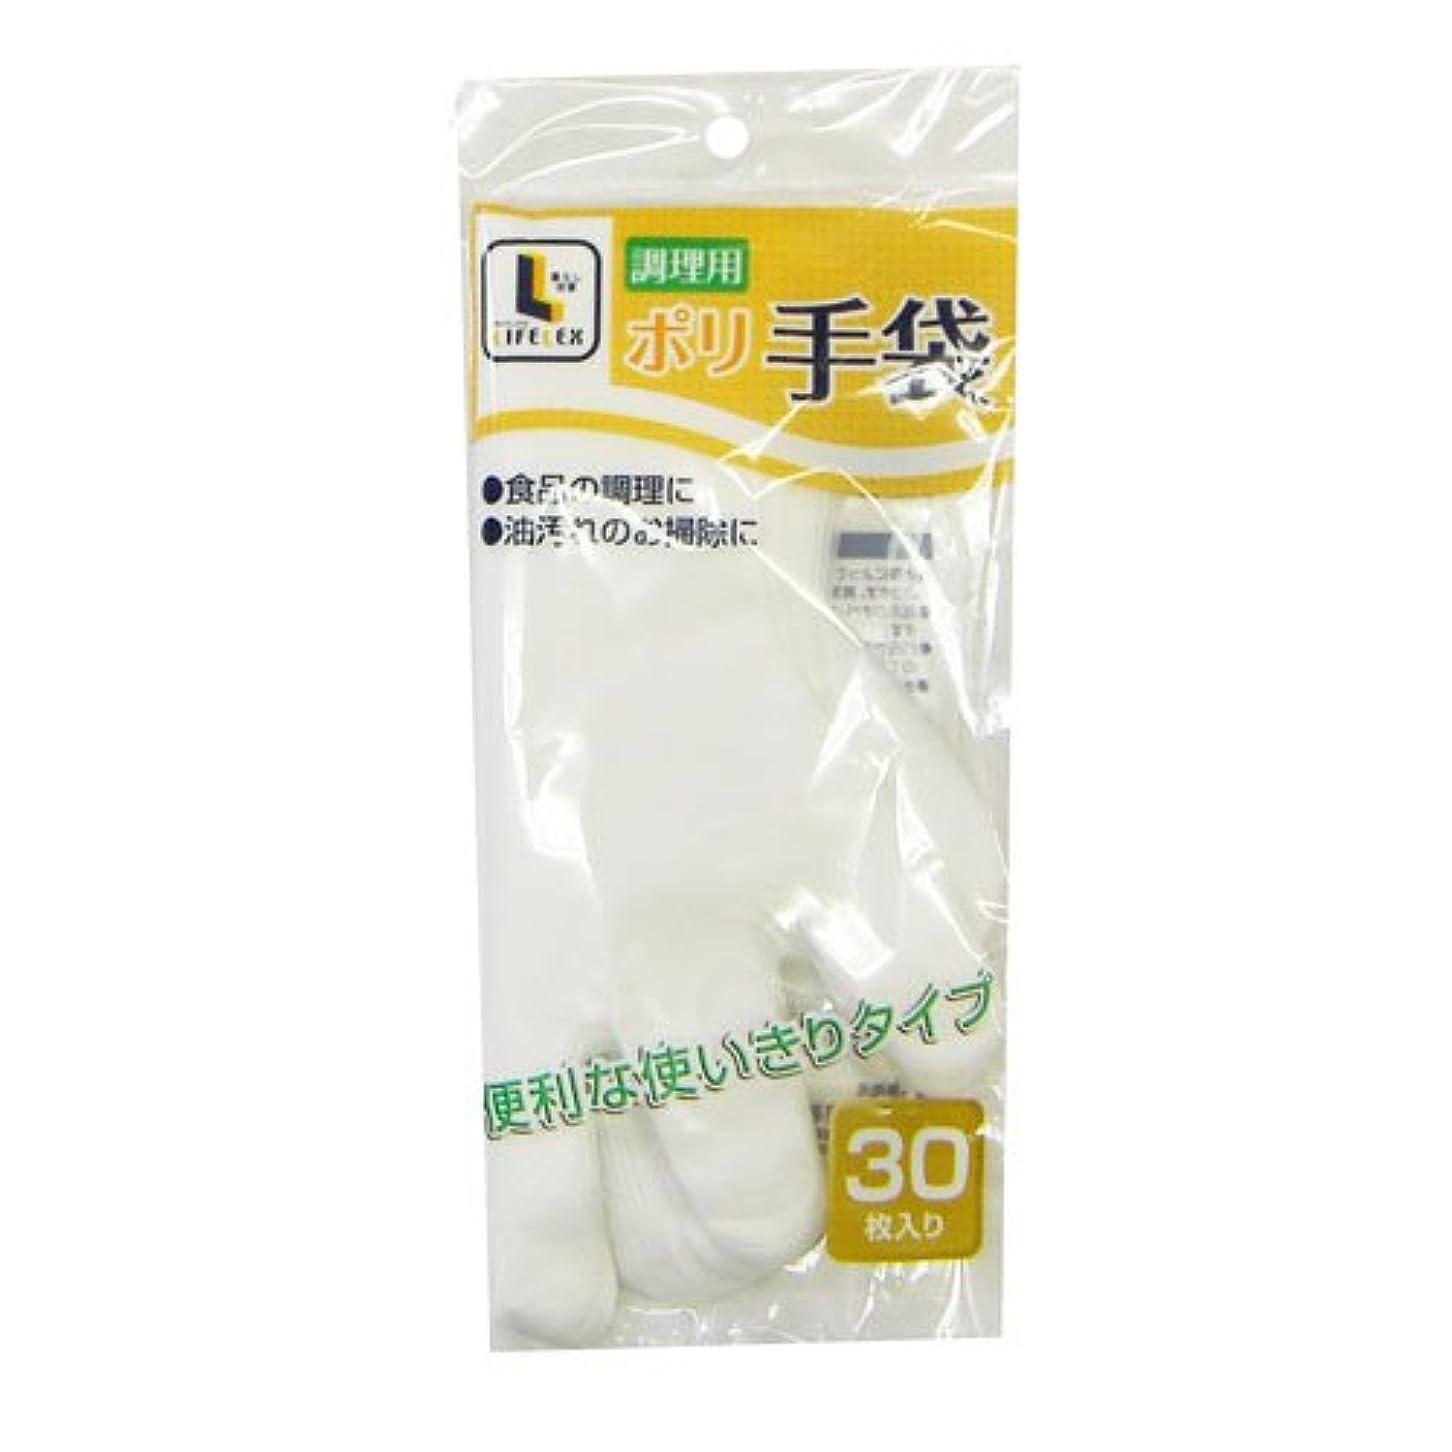 コンベンションブローホールリングコーナンオリジナル 調理用ポリ手袋 30枚入 KHD05-7510